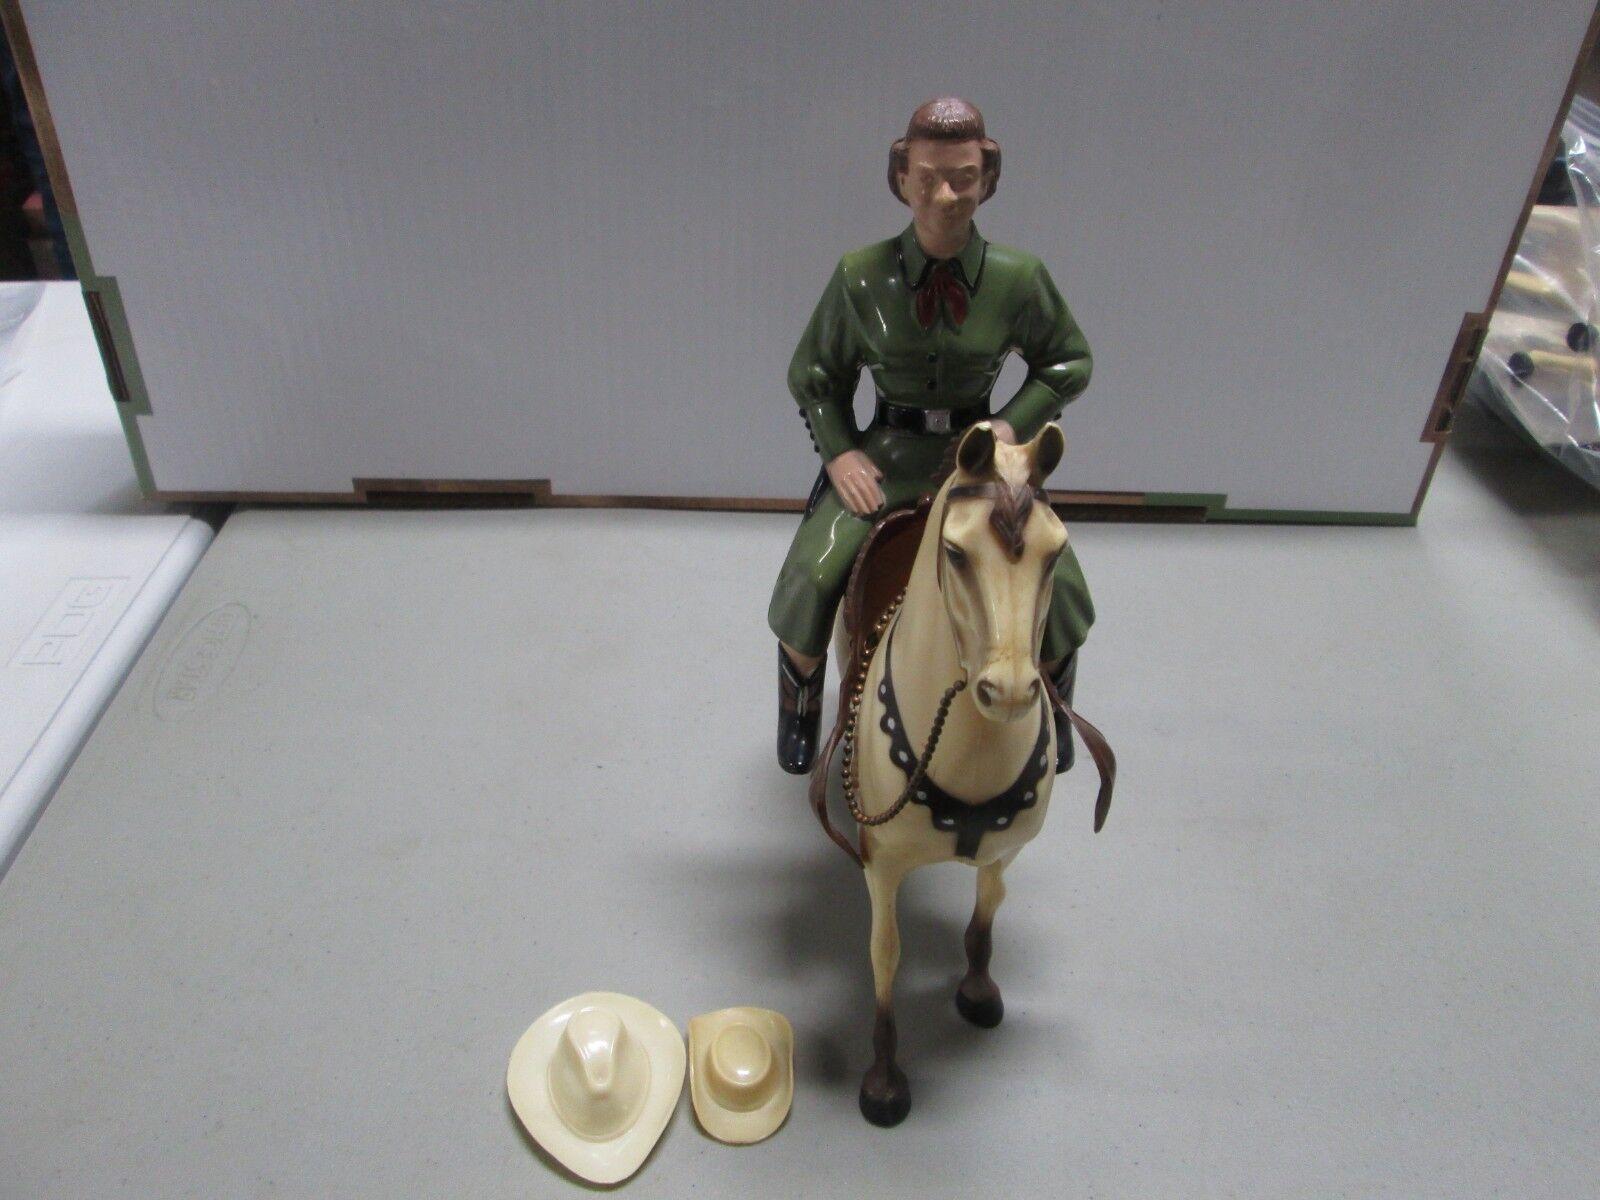 Precio al por mayor y calidad confiable. Hartland Dale Evans y caballo (1) (1) (1)  los nuevos estilos calientes